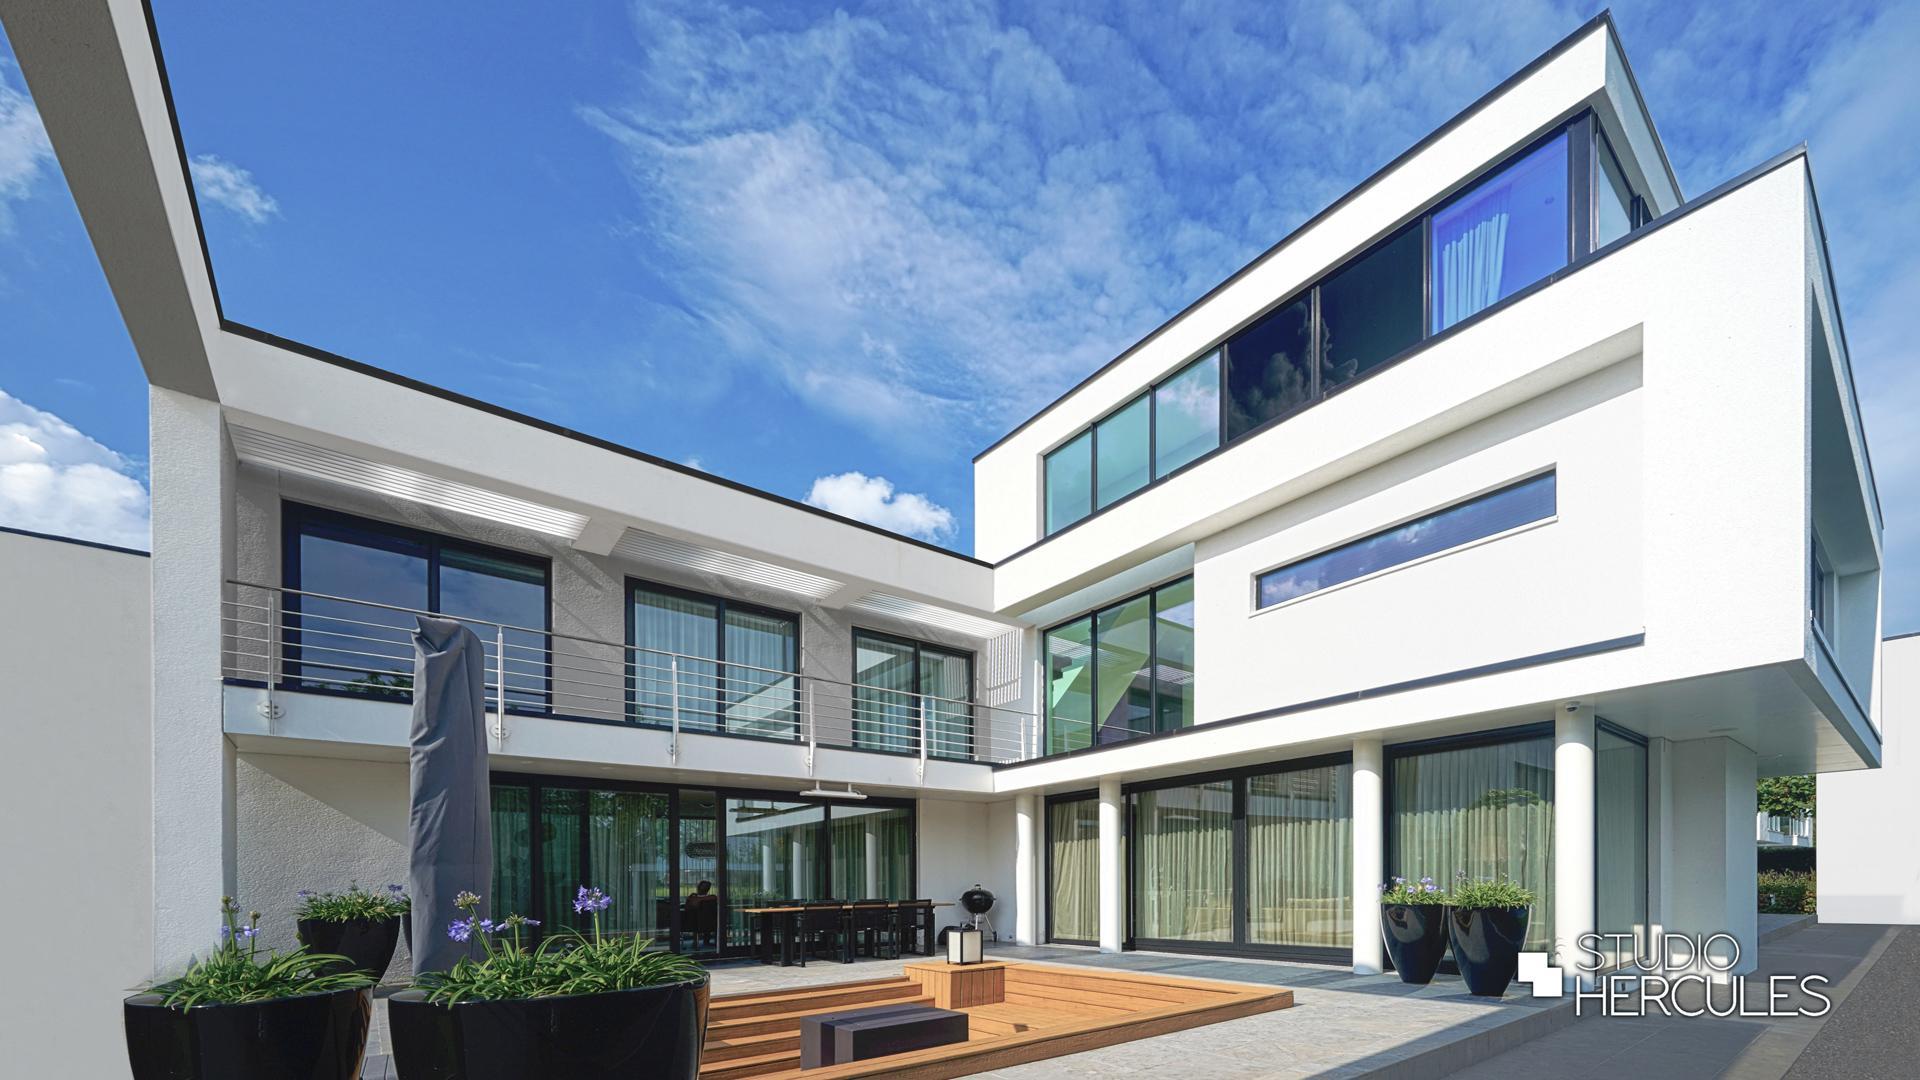 StudioHercules Grote puien met wit stucwerk moderne gevel.